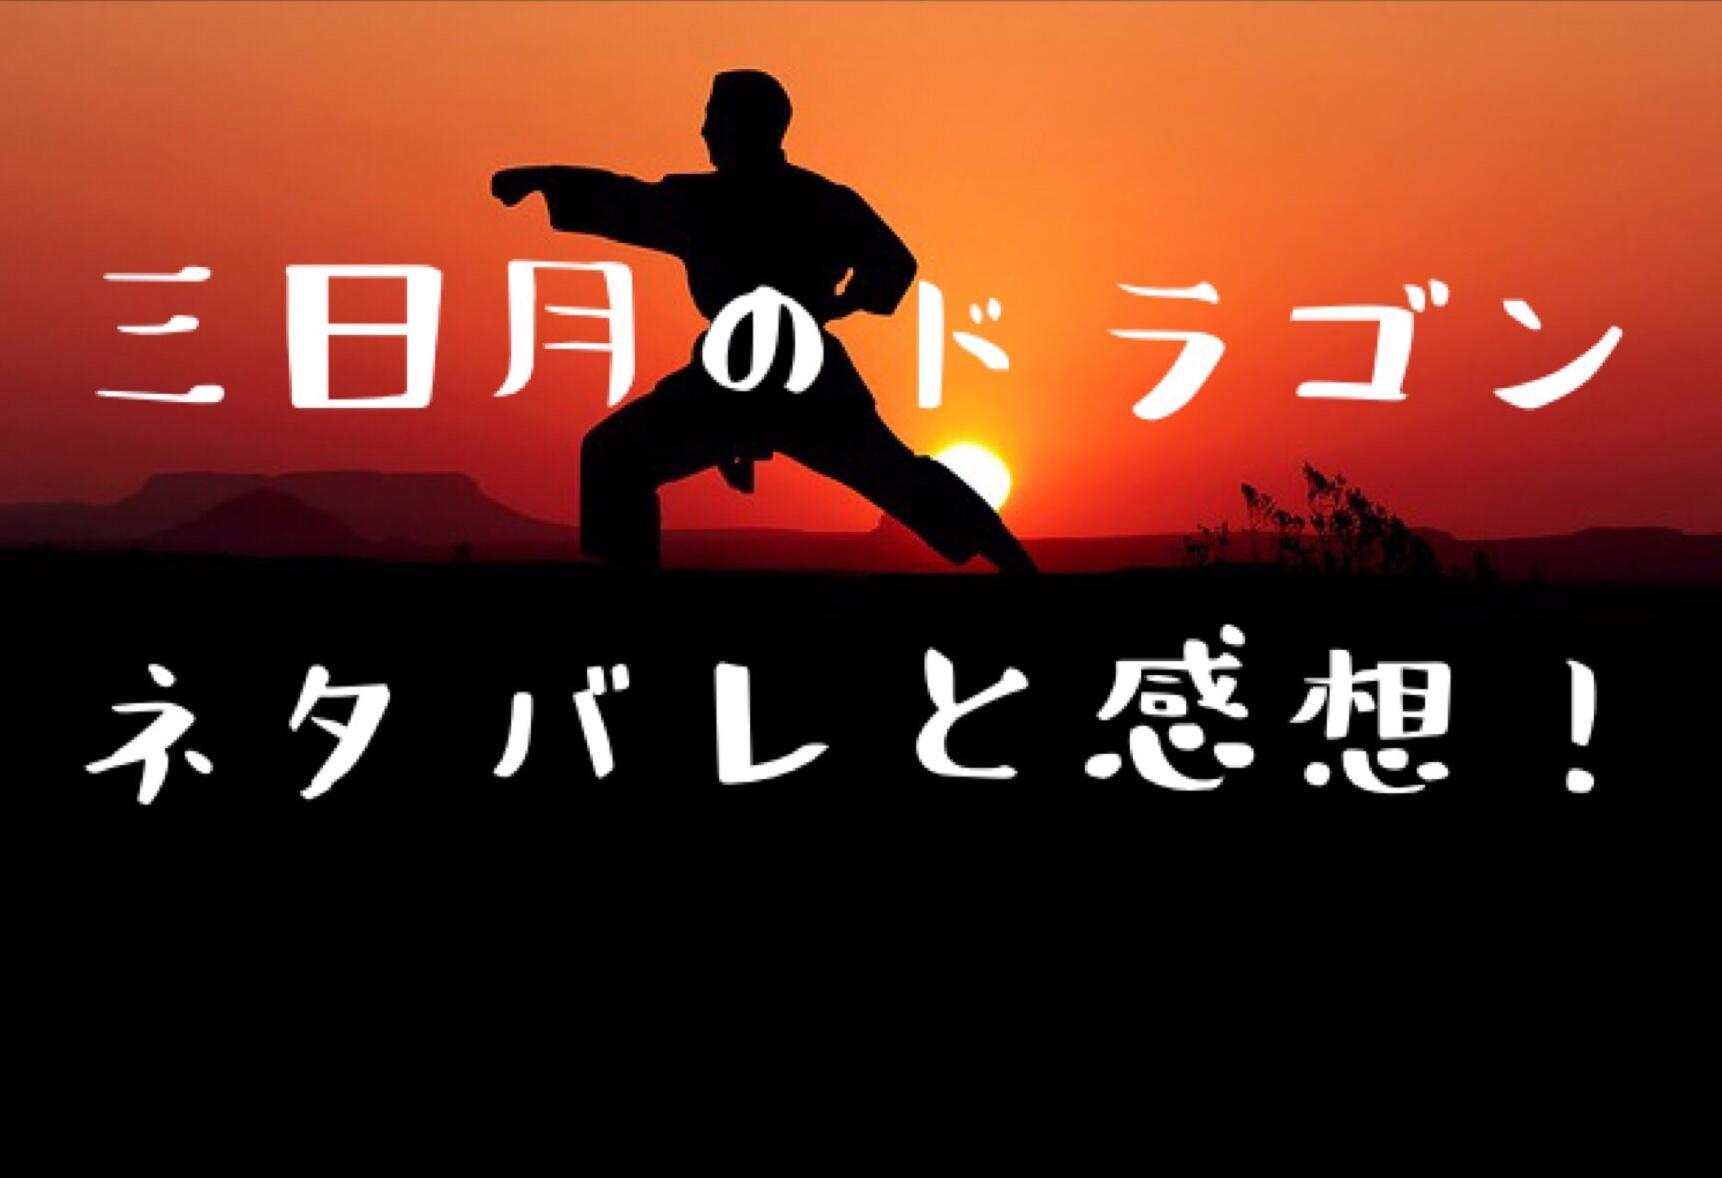 三日月のドラゴン【第1話】最新話のネタバレと感想!長尾謙一郎新連載